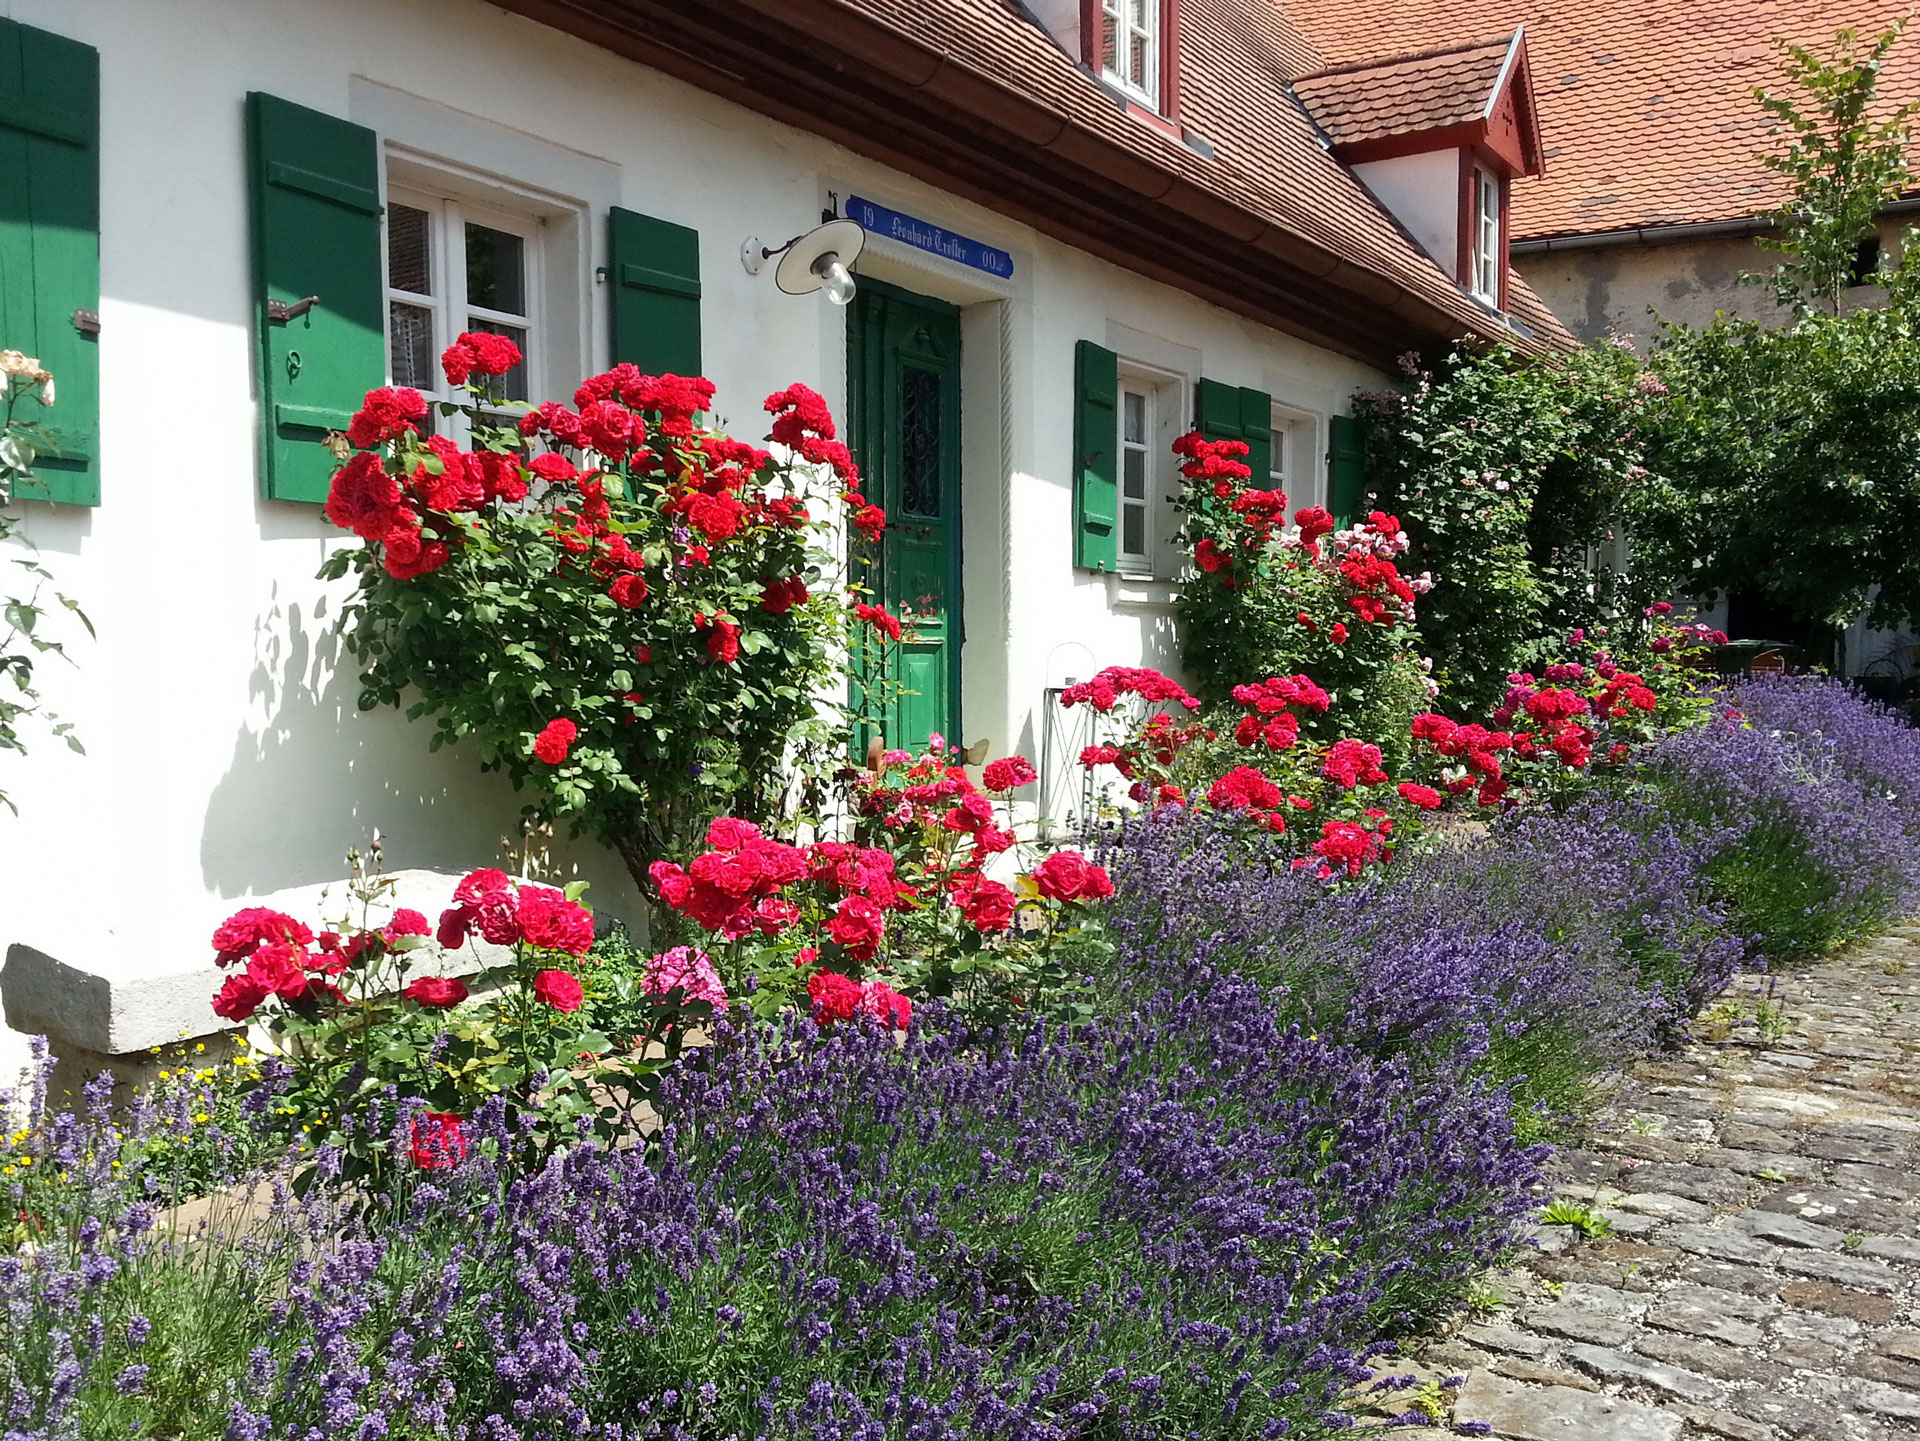 Kombination von roten und pinkfarbenen Blüten mit lila Lavendel